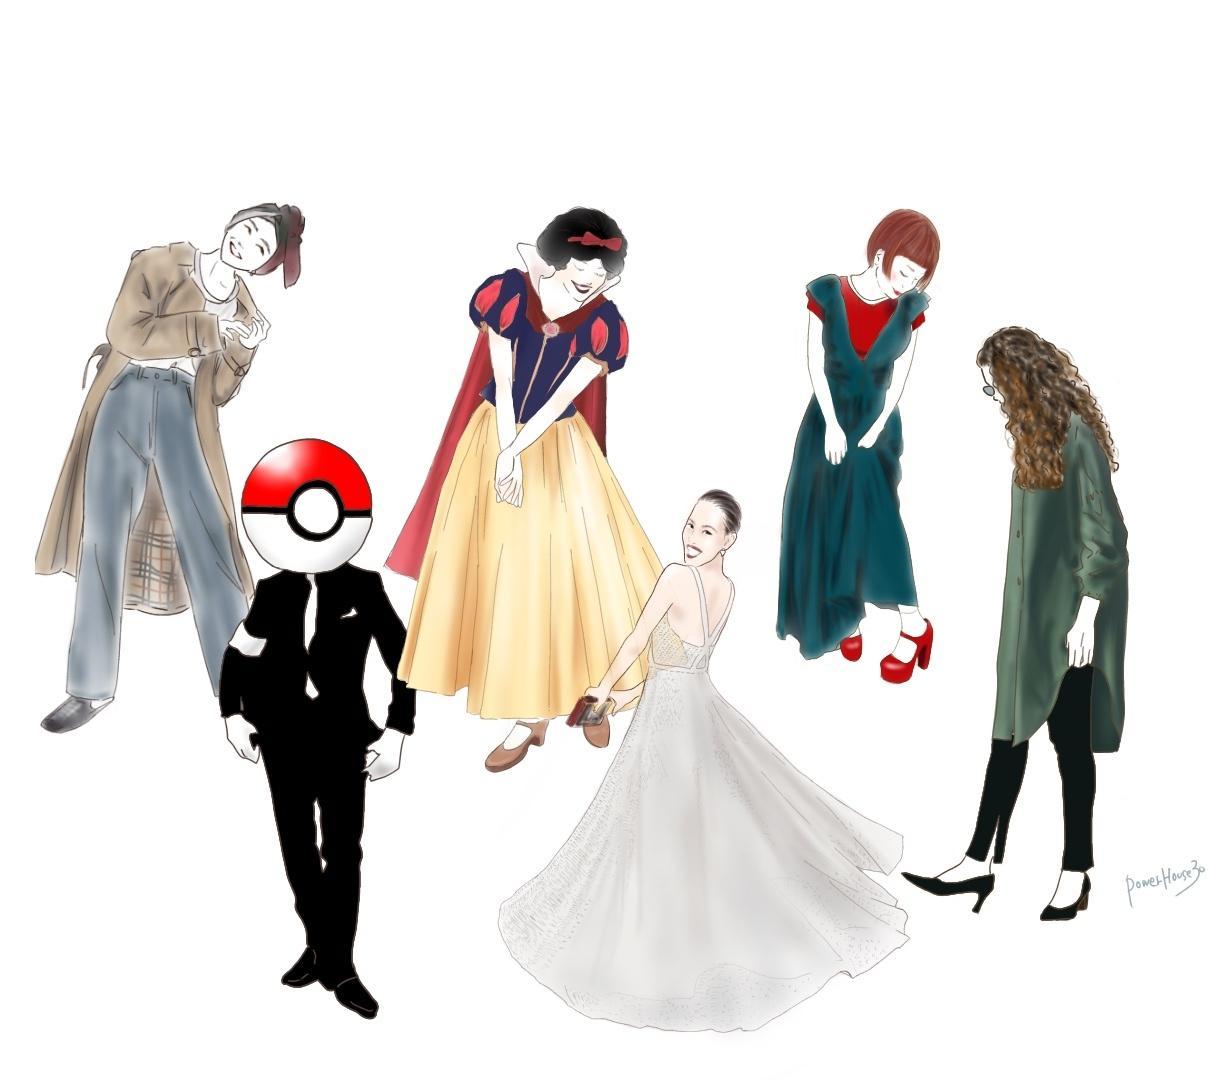 スナップイラスト・ファッションイラストお描きします SNSアイコンや挿絵、ワンポイントに!